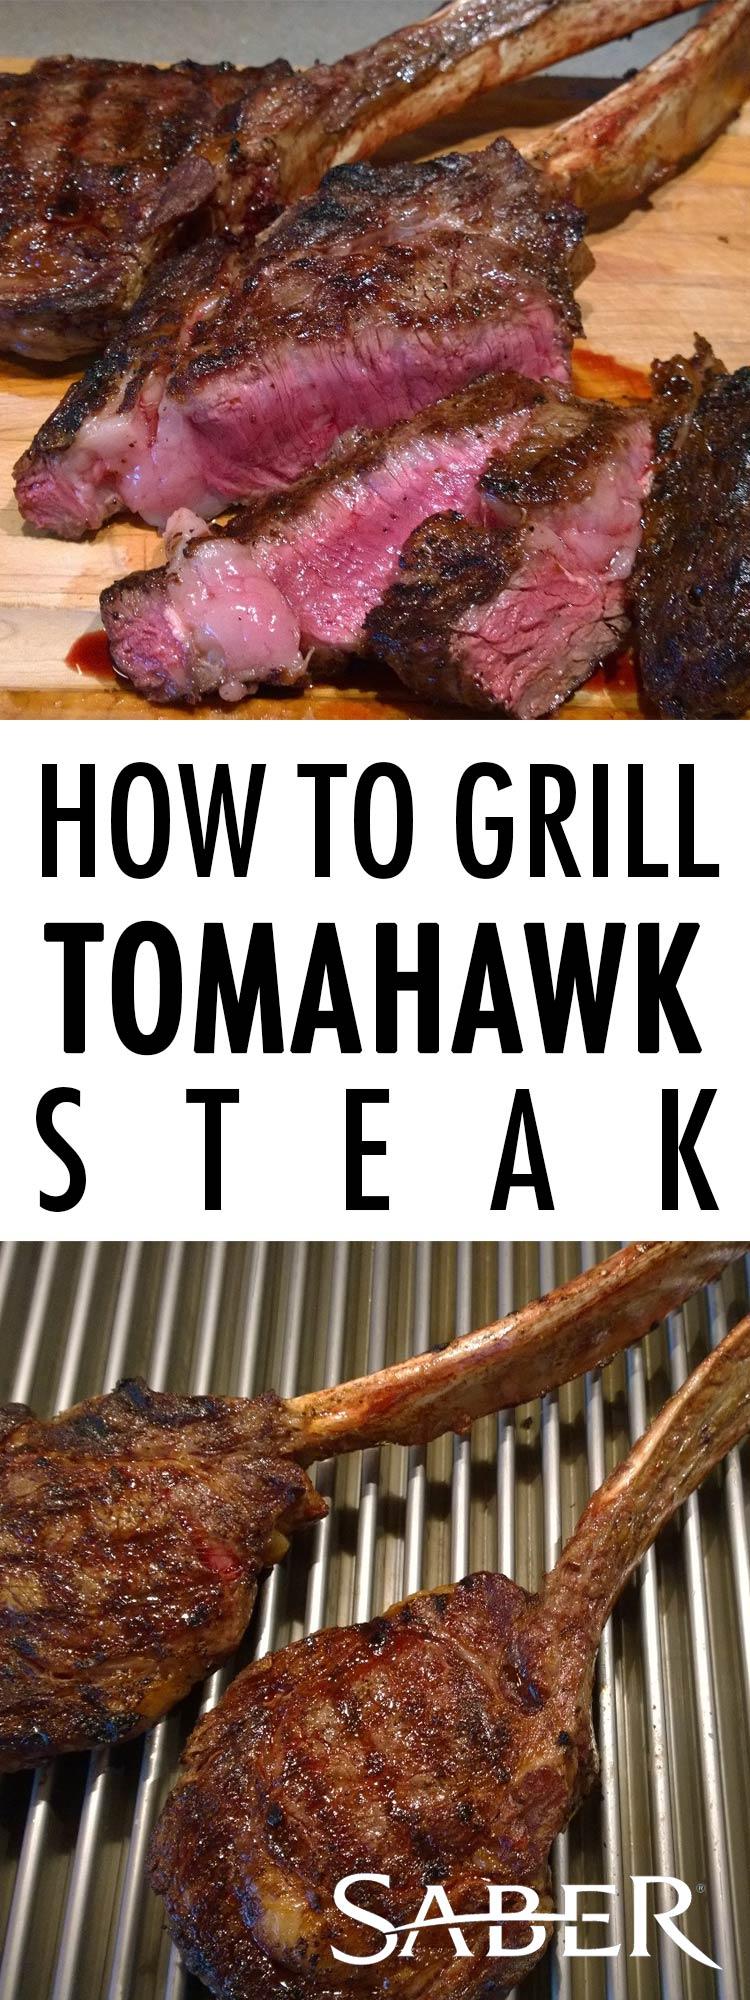 grill tomahawk steak